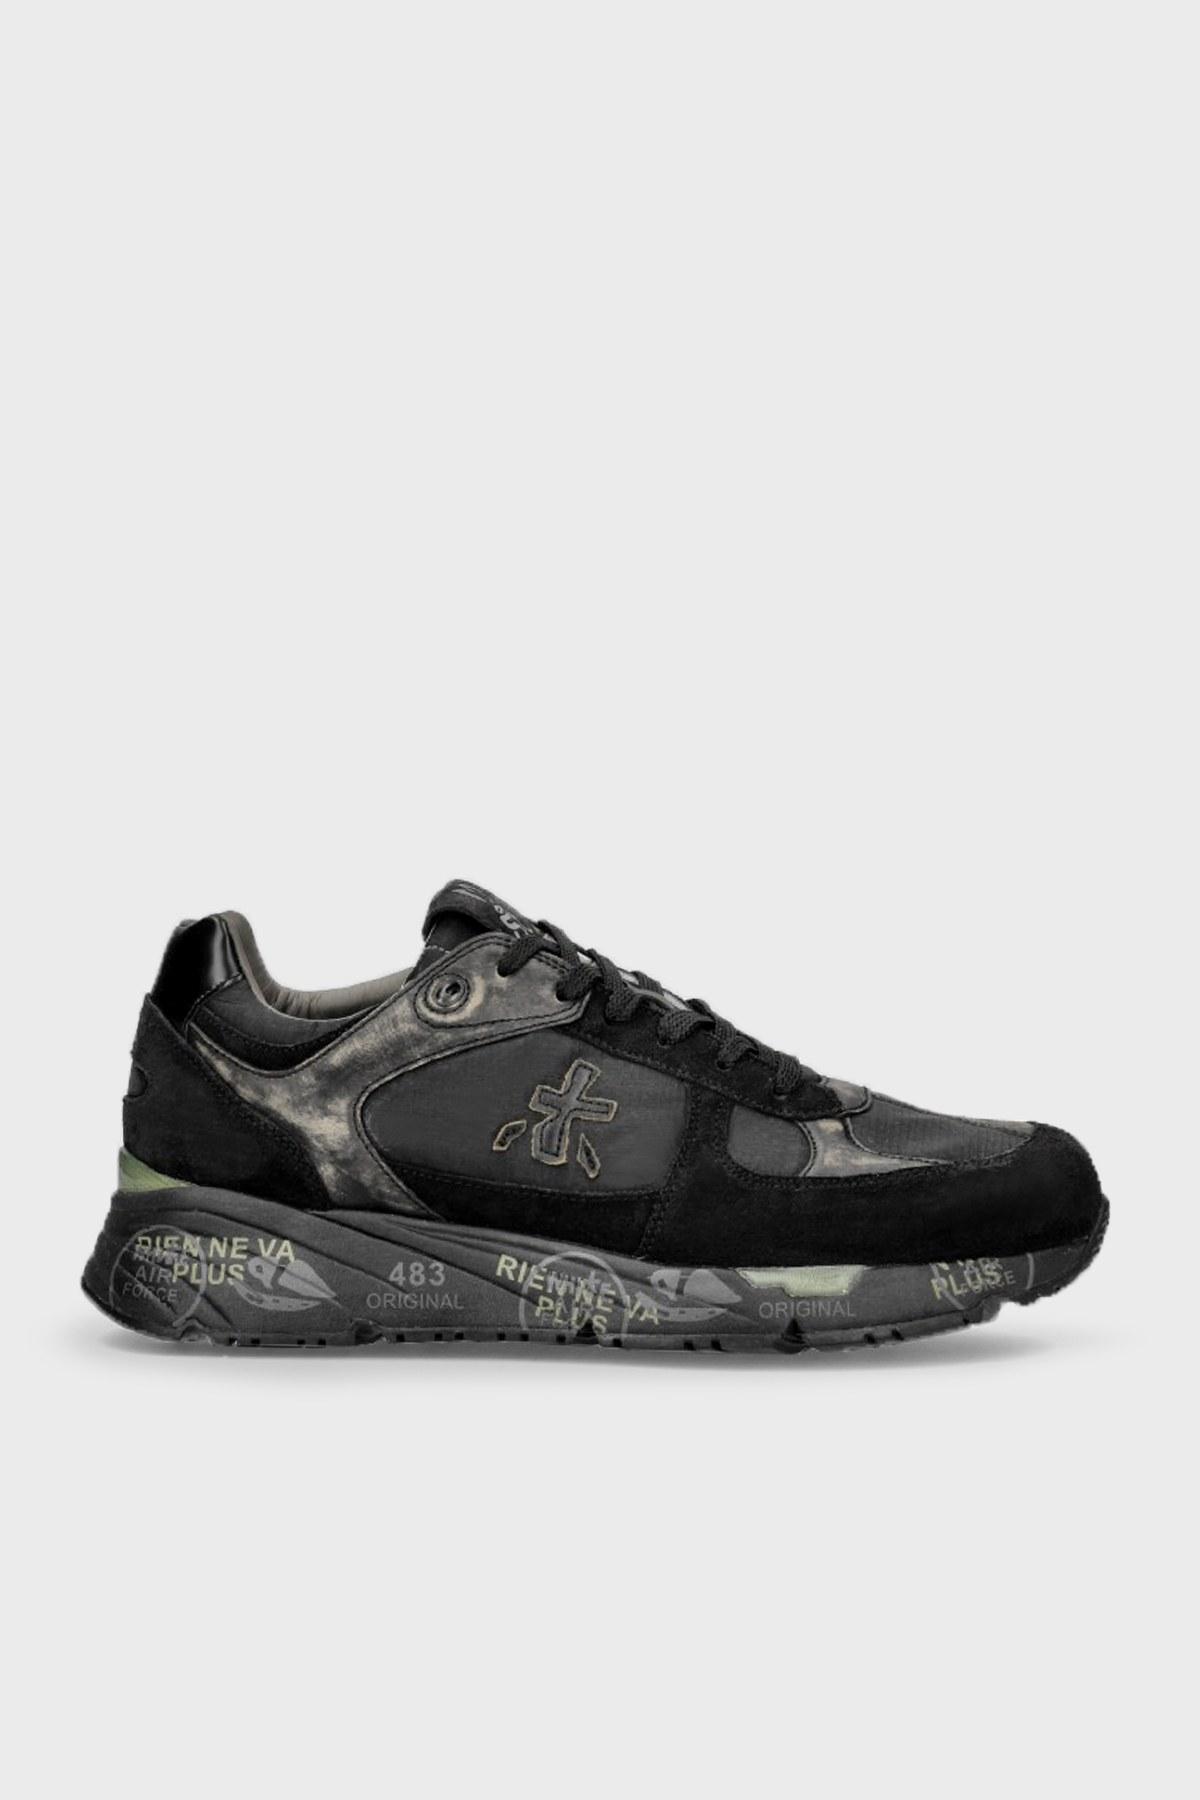 Premiata Baskılı Sneaker Erkek Ayakkabı MASE 5013 SİYAH